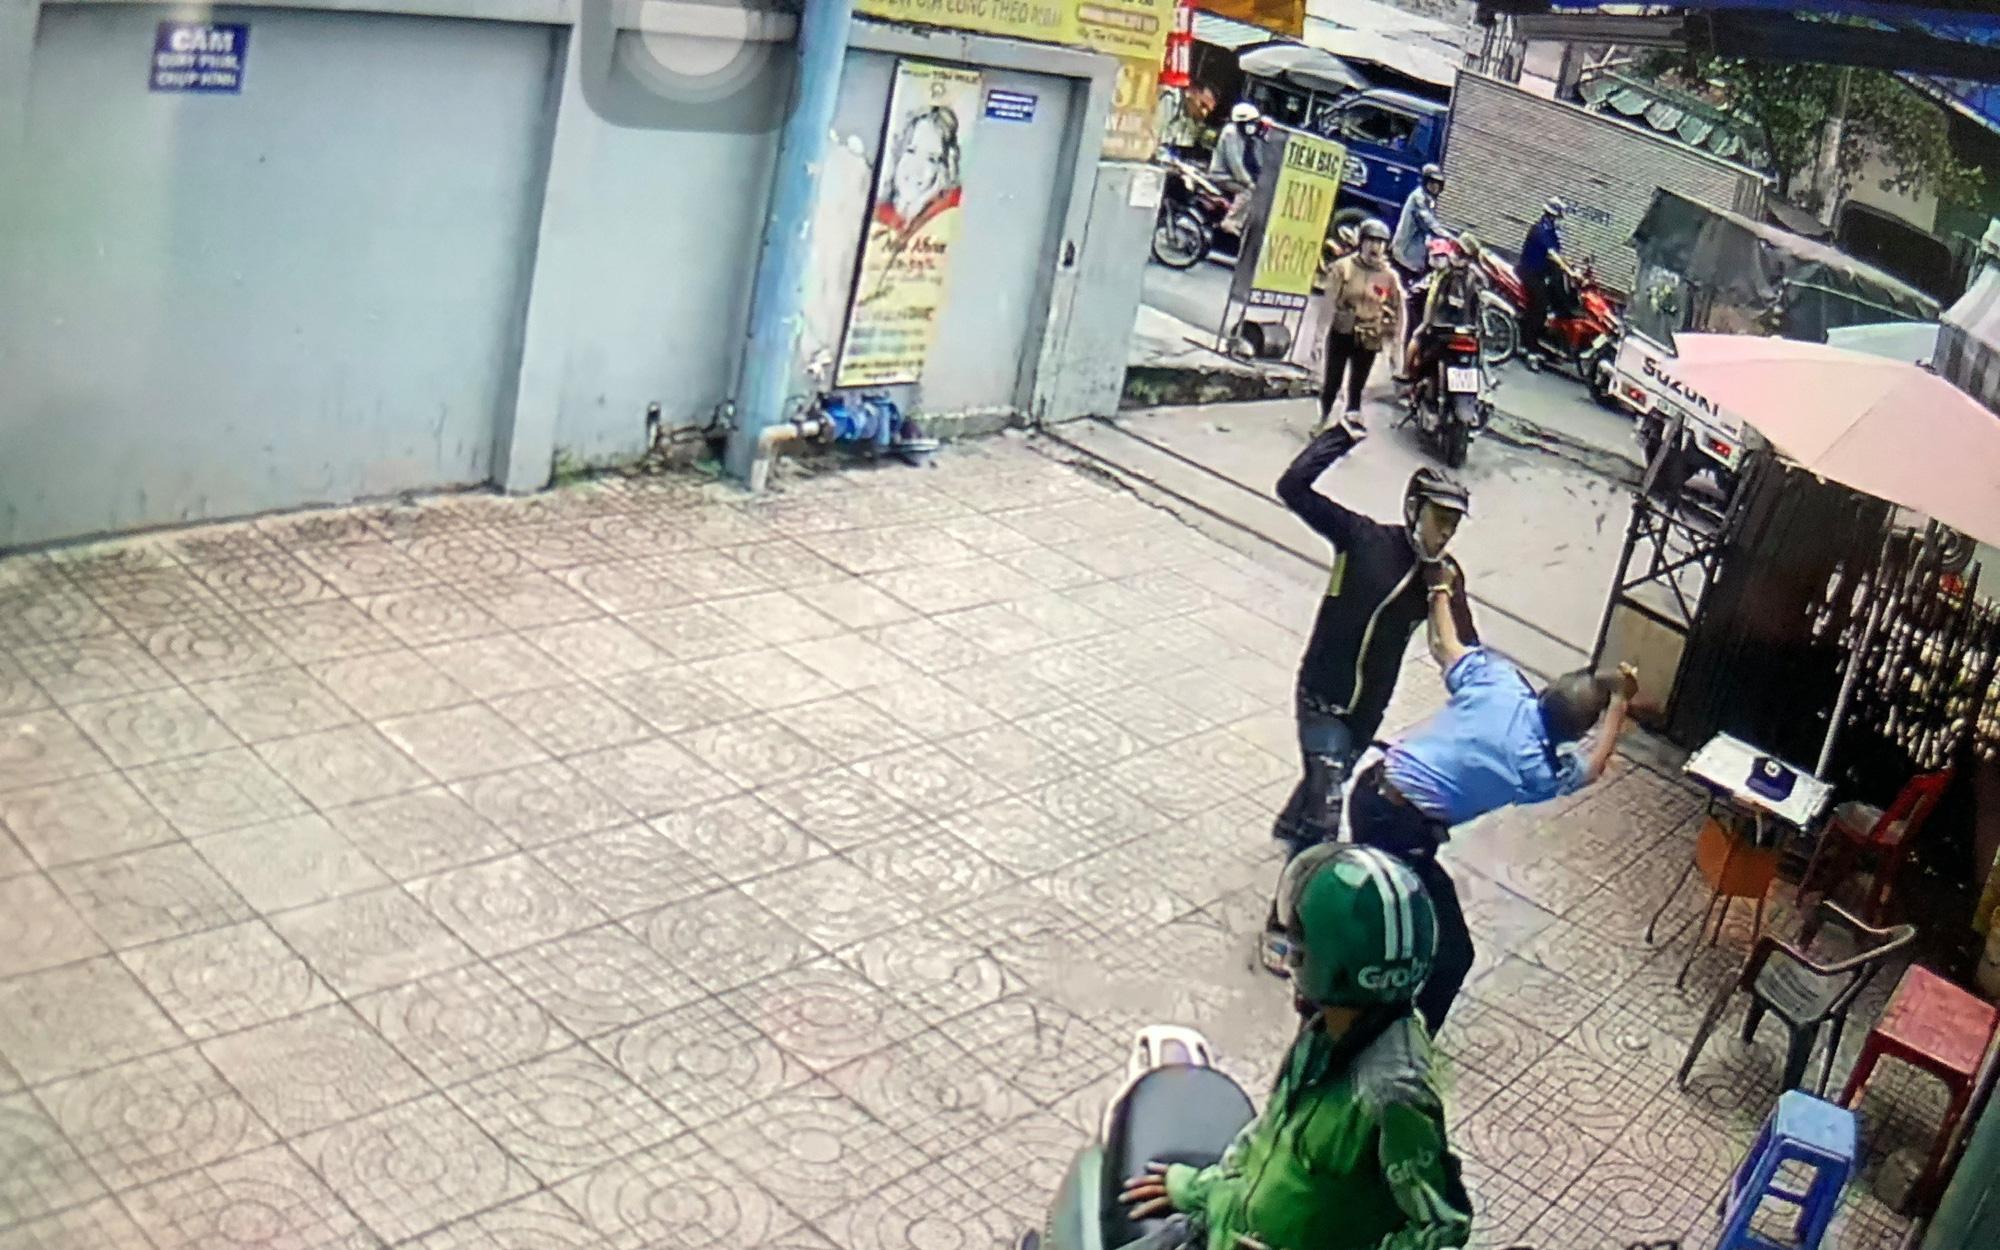 Thanh niên dùng hung khí truy sát khiến bảo vệ chung cư nhập viện ở Sài Gòn